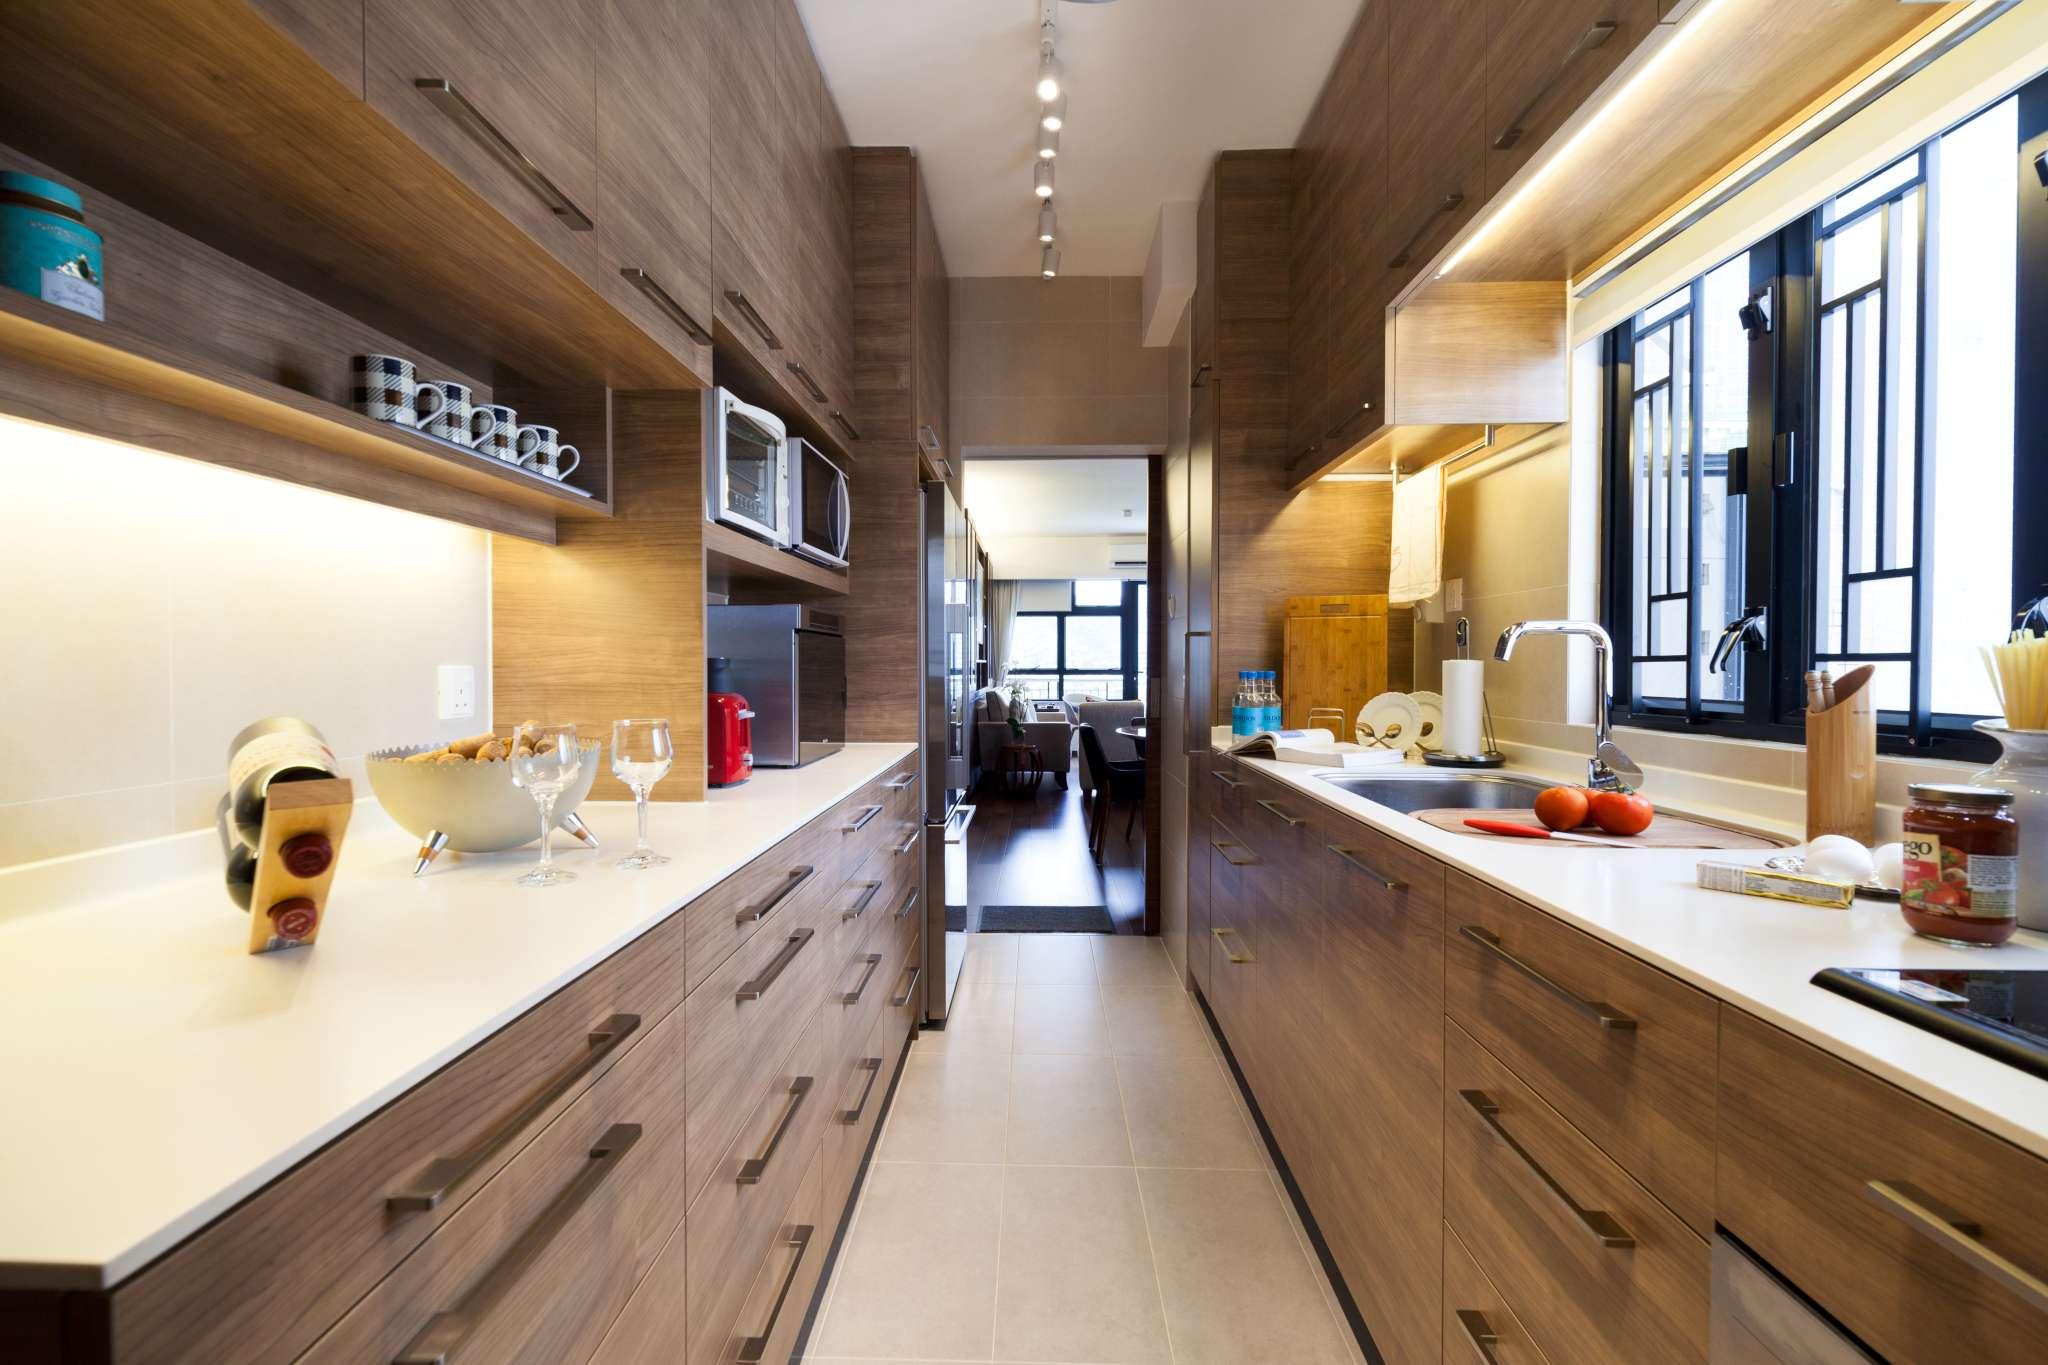 beverly hill clifton leung design workshop. Black Bedroom Furniture Sets. Home Design Ideas